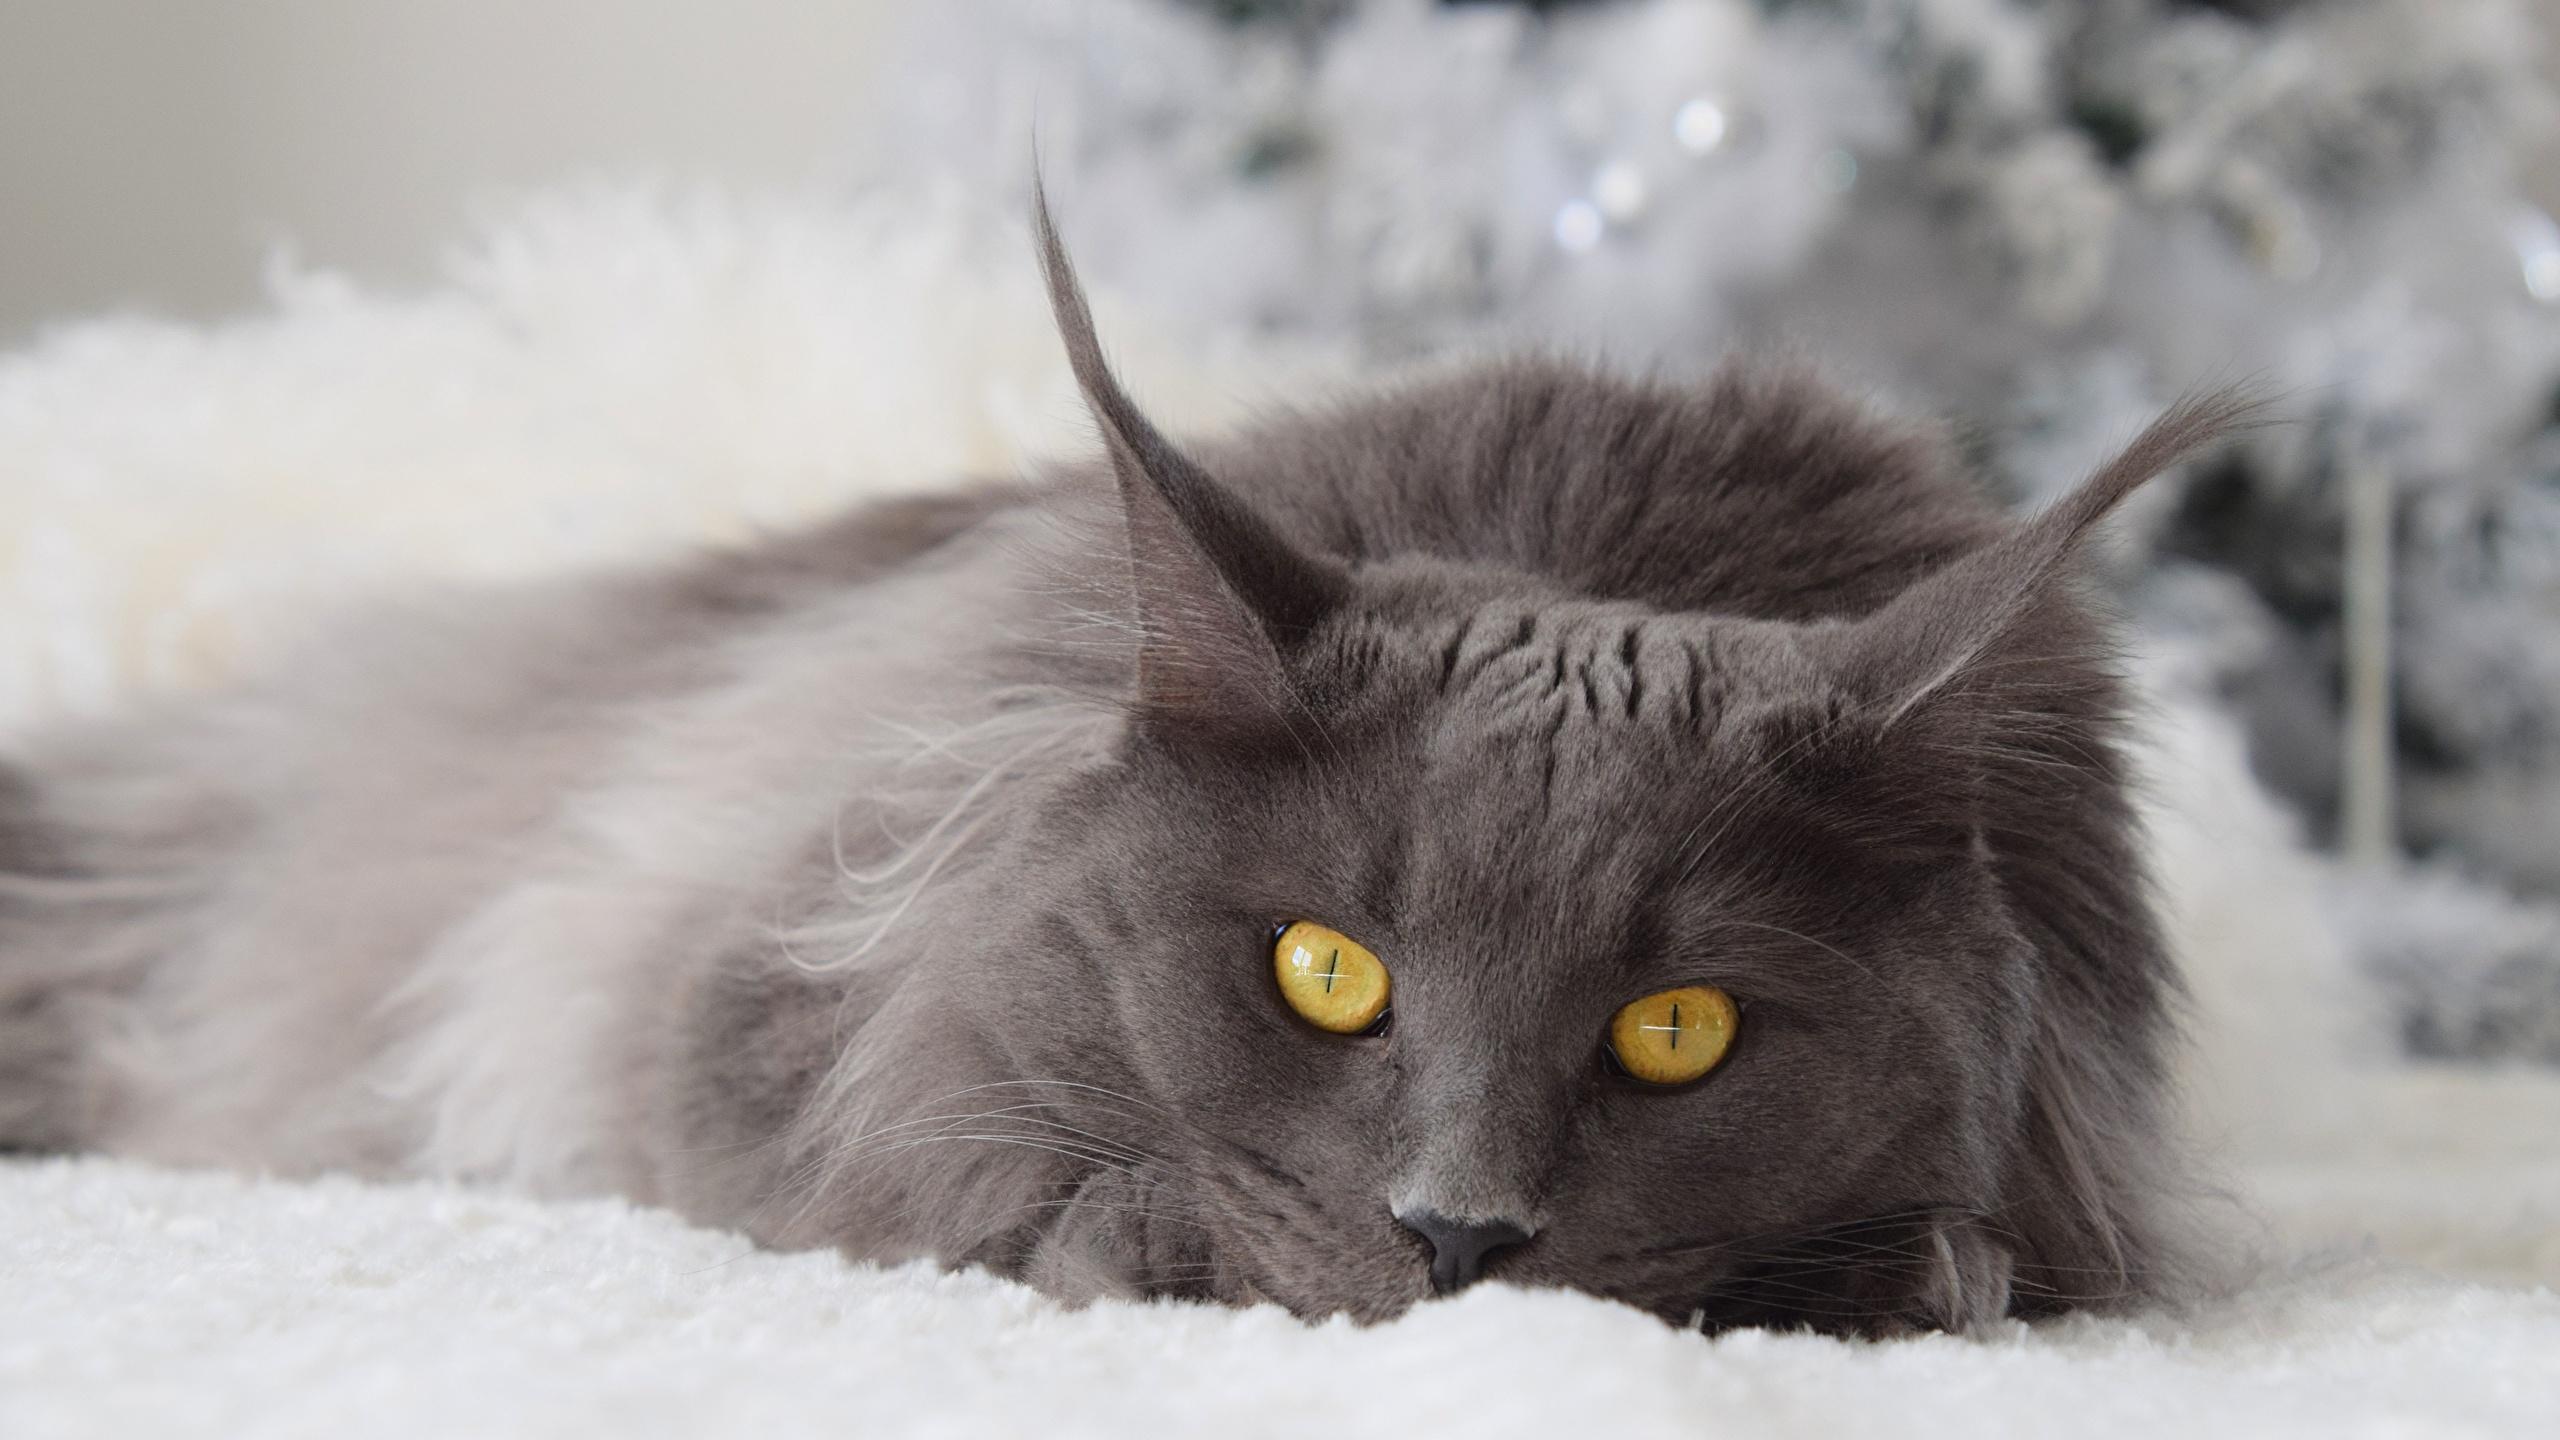 Картинка Кошки Серый смотрит Животные 2560x1440 кот коты кошка серые серая Взгляд смотрят животное